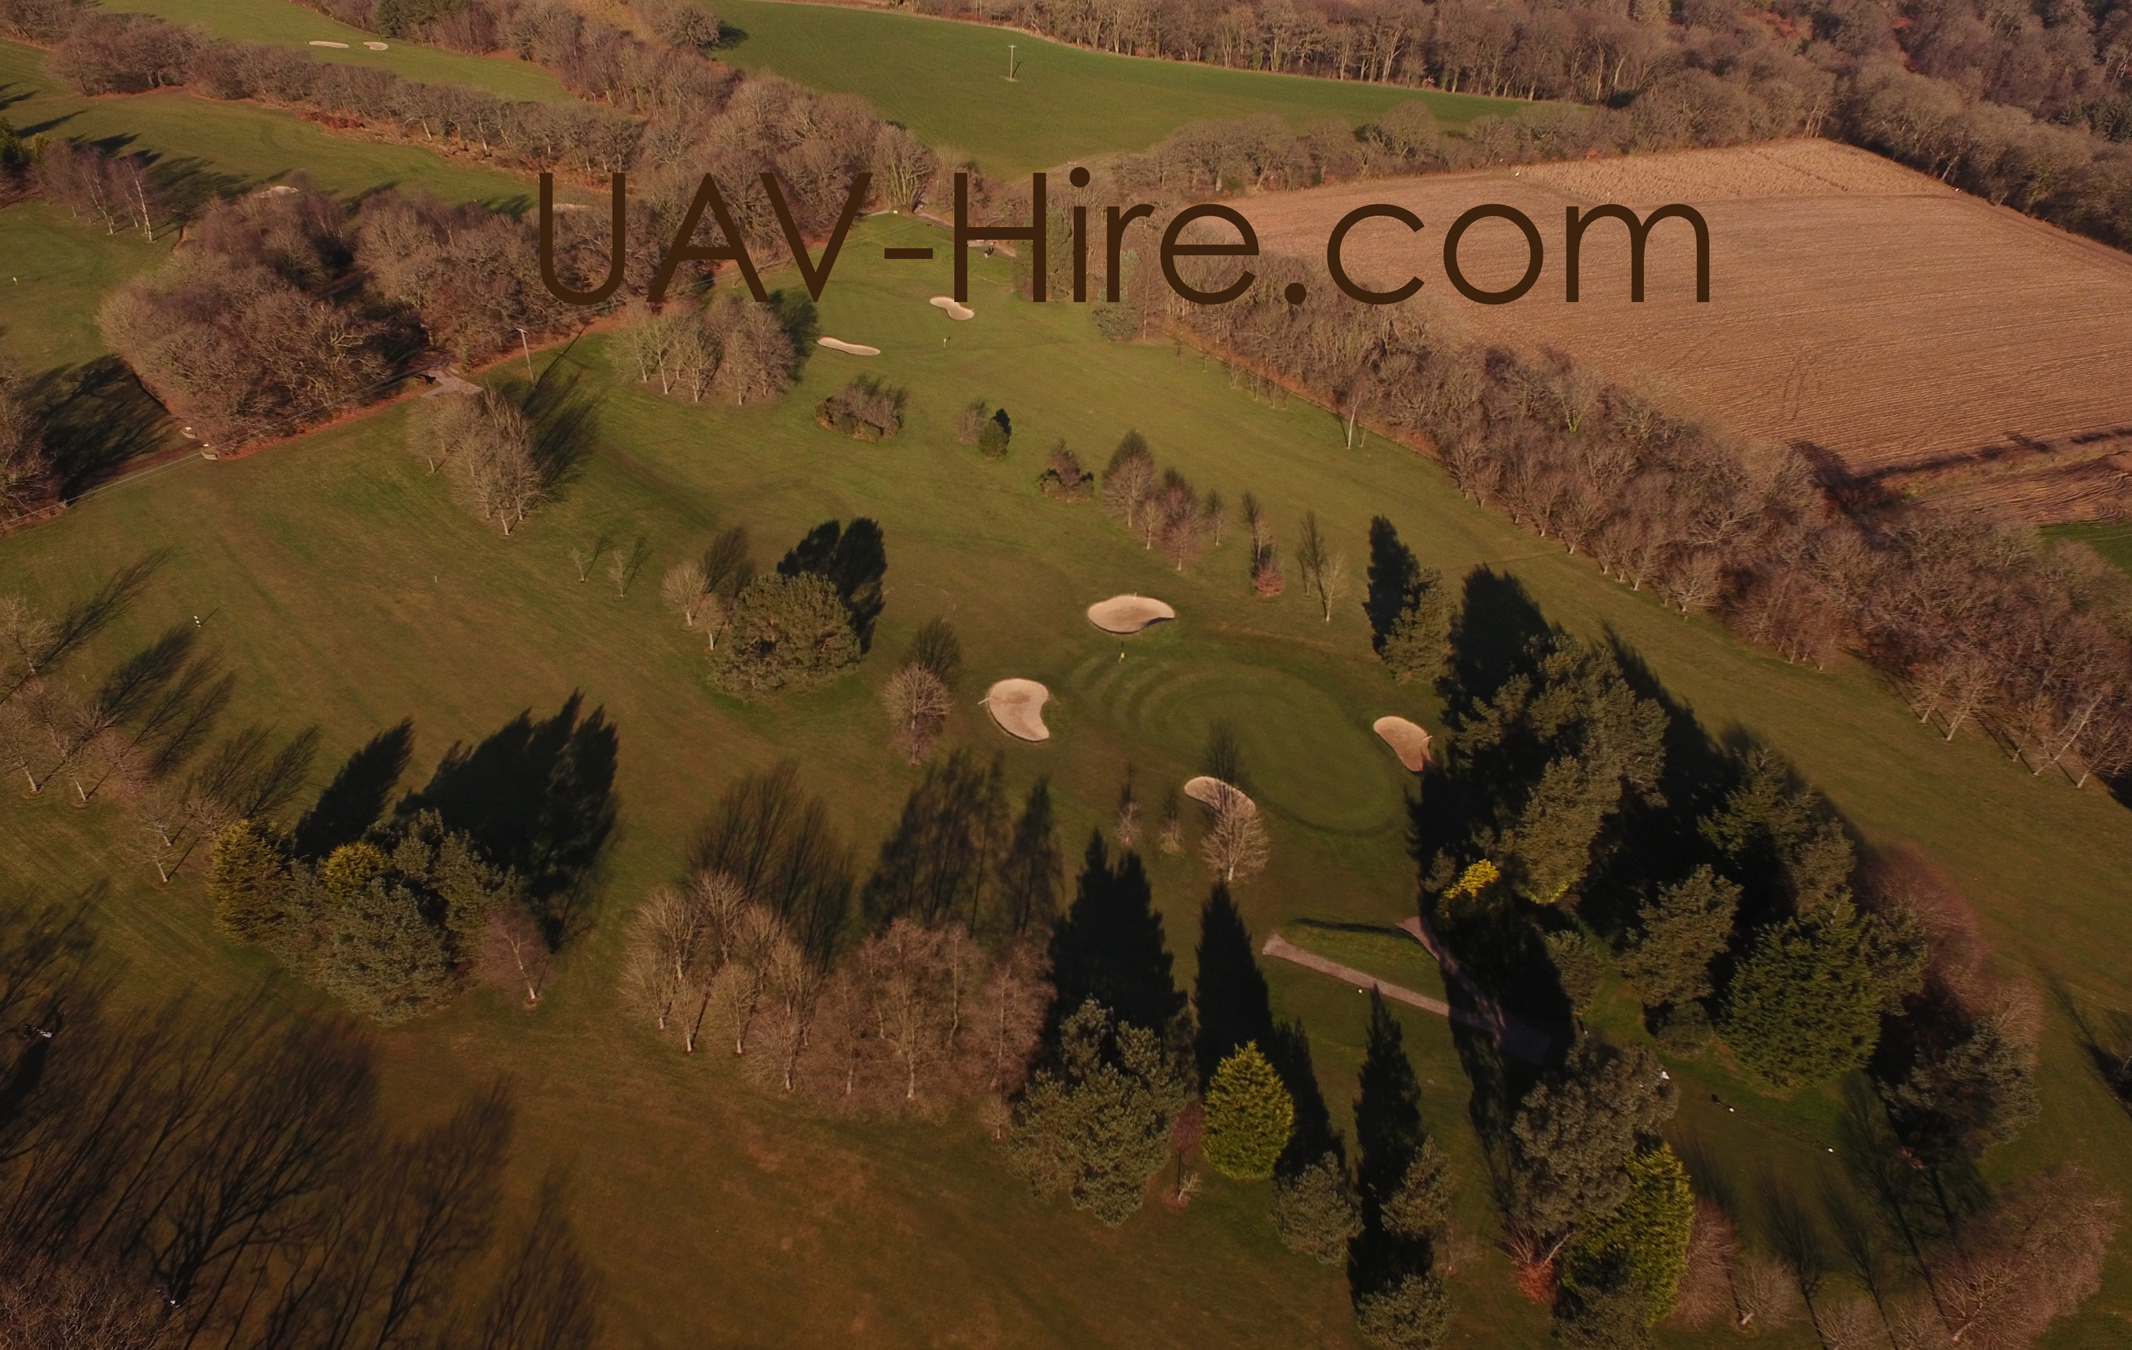 Golf-Course-UAV